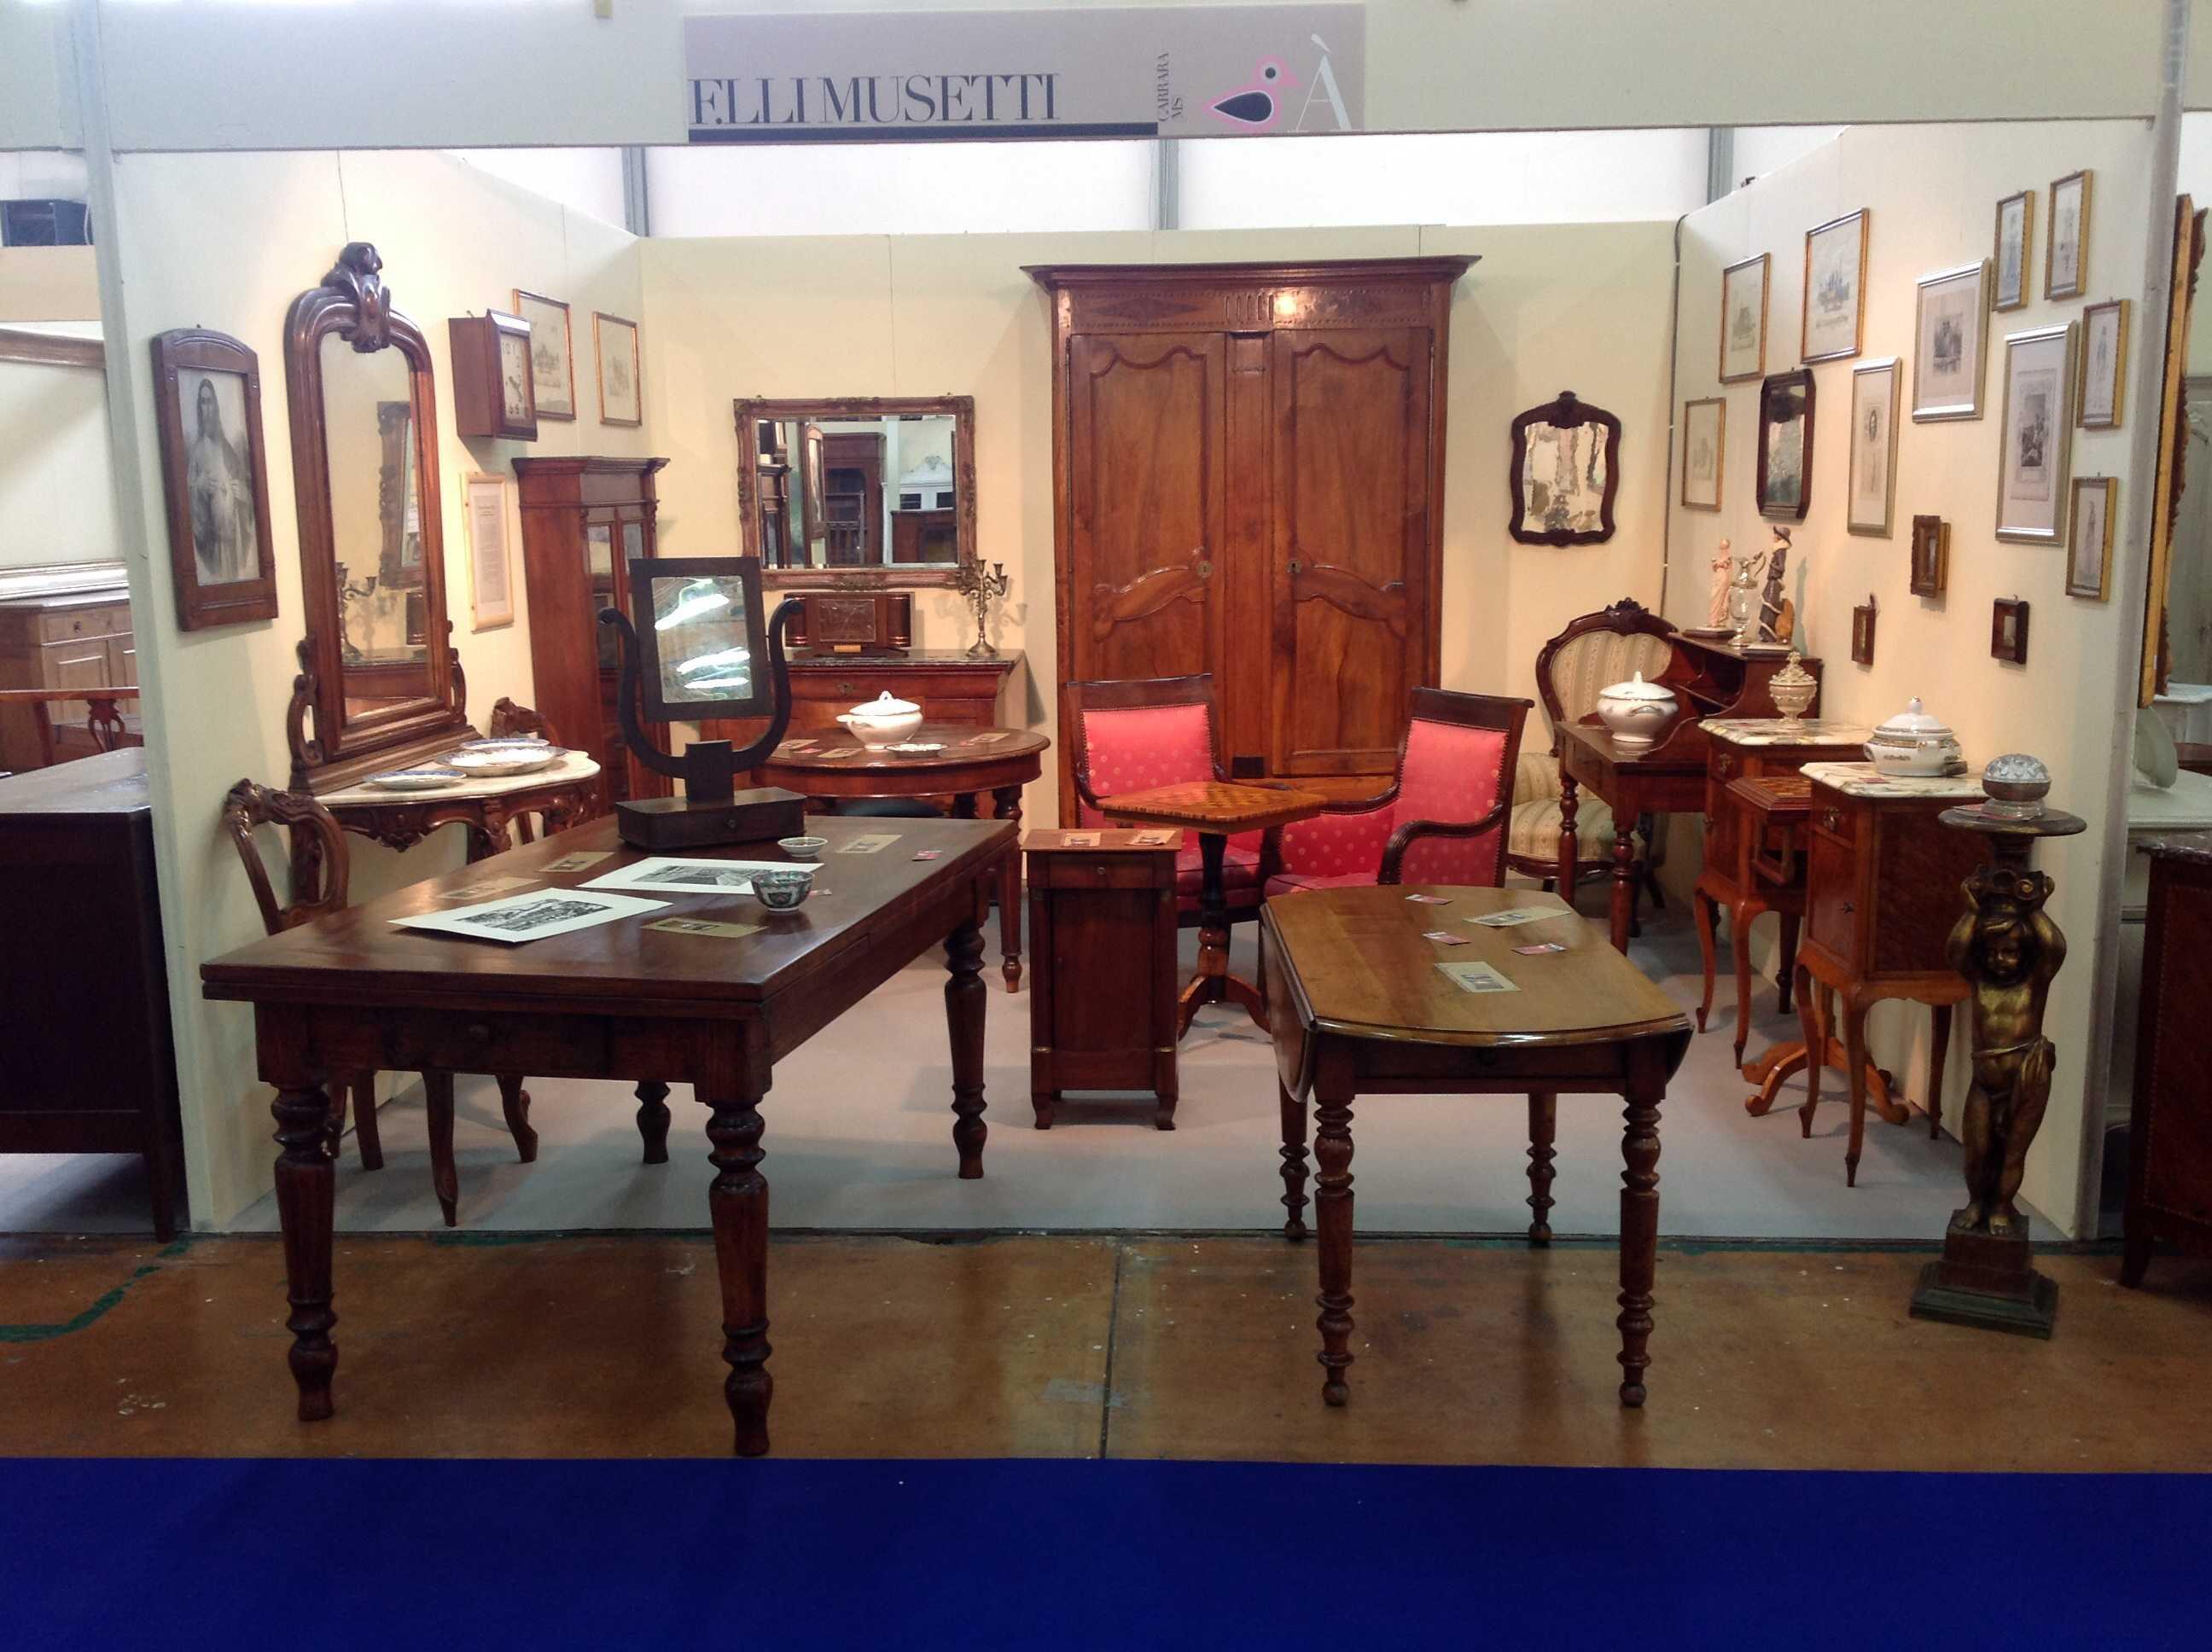 Musetti mobili antichi vendita e restauro mobili antichi for Mobili 900 vendita